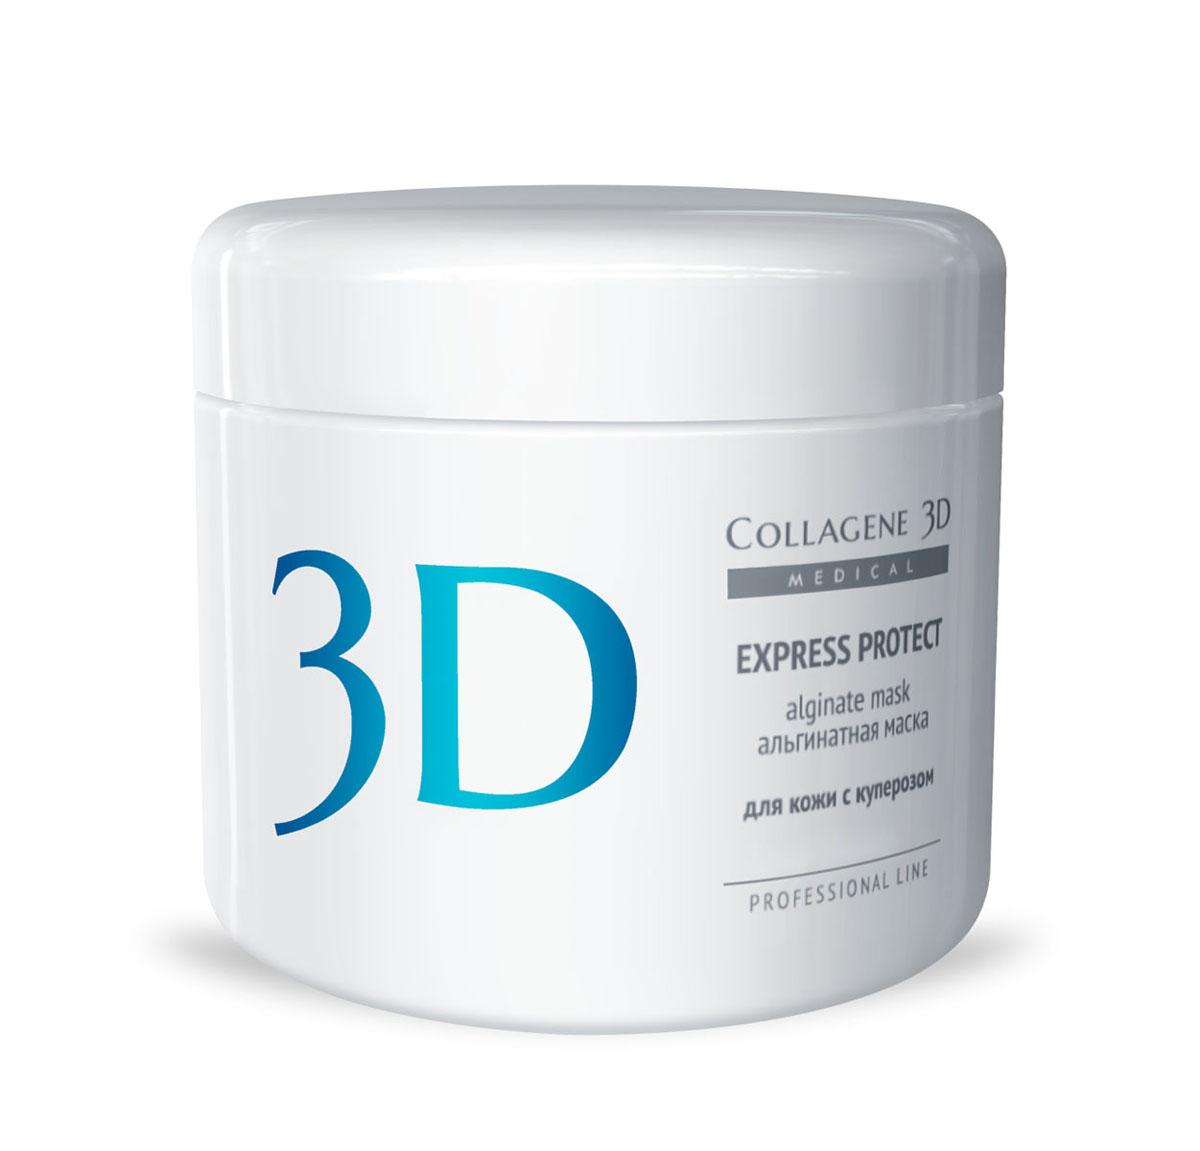 Medical Collagene 3D Альгинатная маска для лица и тела Express Protect ,200 г22006Высокоэффективная, пластифицирующая маска на основе лучшего натурального сырья. Входящий в состав Экстракт виноградной косточки укрепляет сосуды, устраняет купероз и отеки.